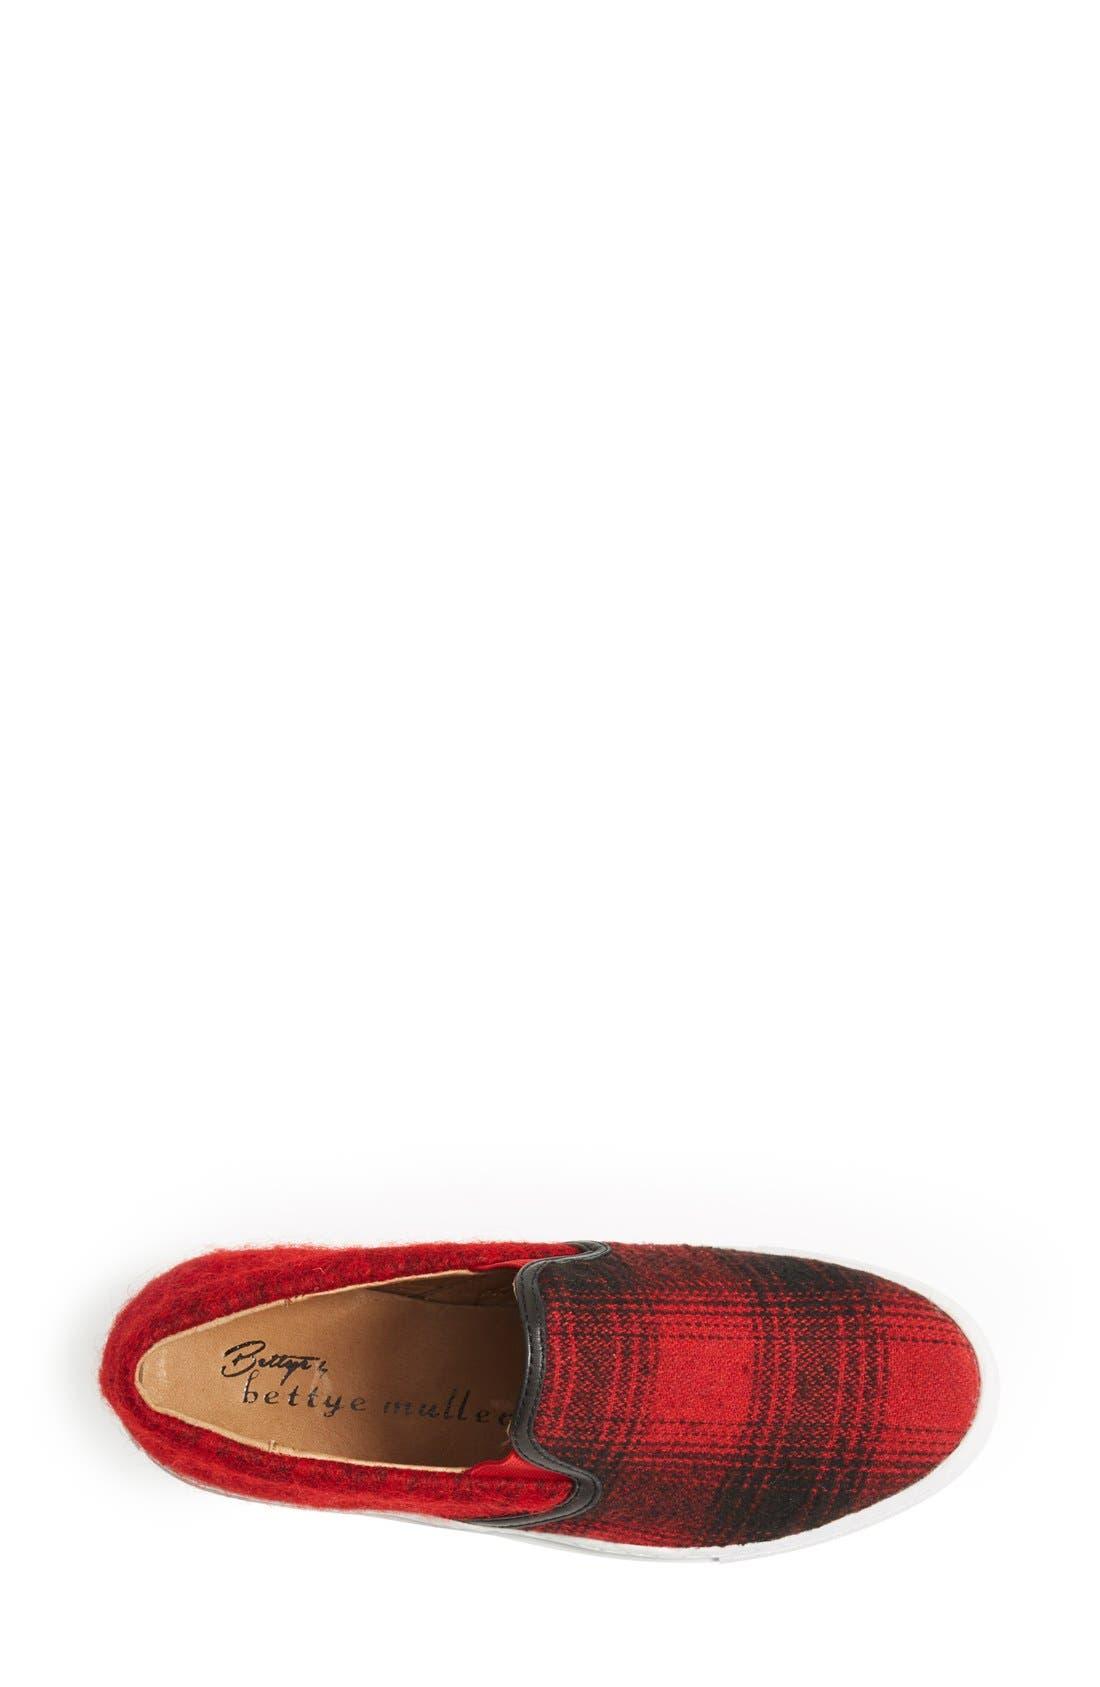 Alternate Image 3  - Bettye by Bettye Muller 'Bentley' Slip-On Sneaker (Women)